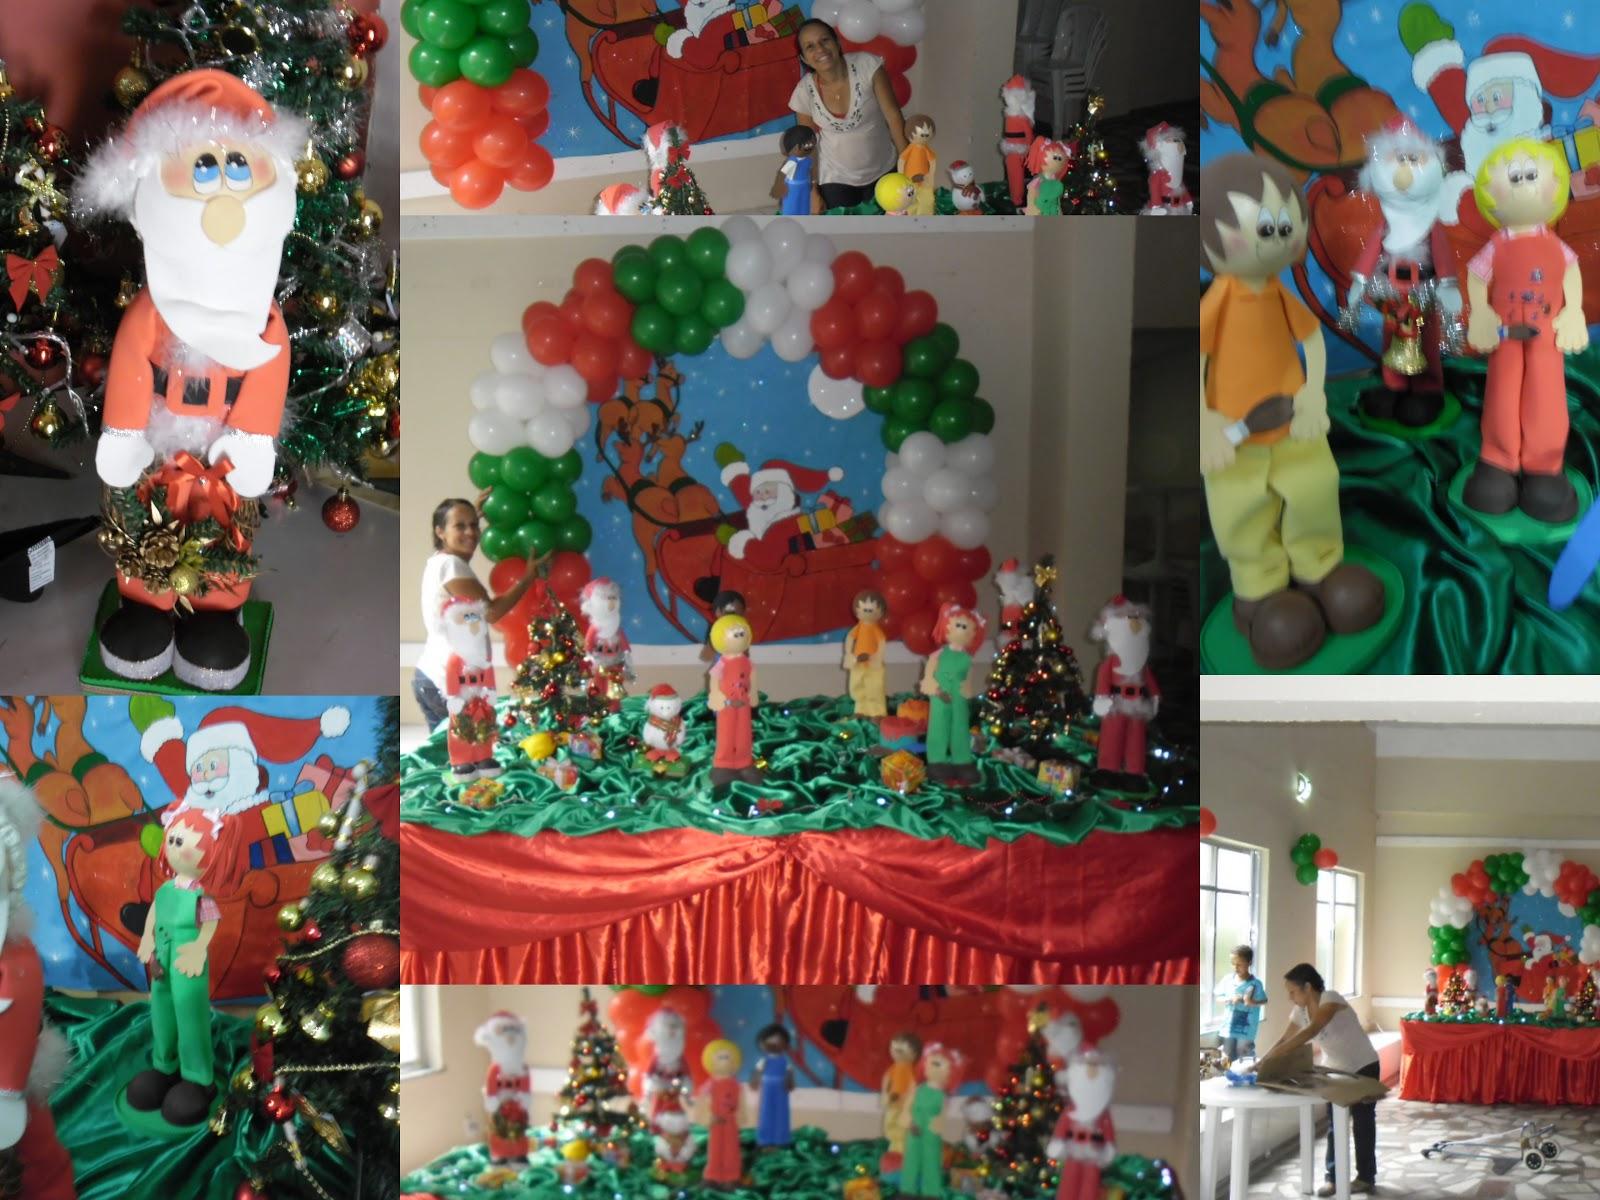 decoracao festa natalina : decoracao festa natalina:ARTES DA NANDA DA BAHIA : Decoração Natalina